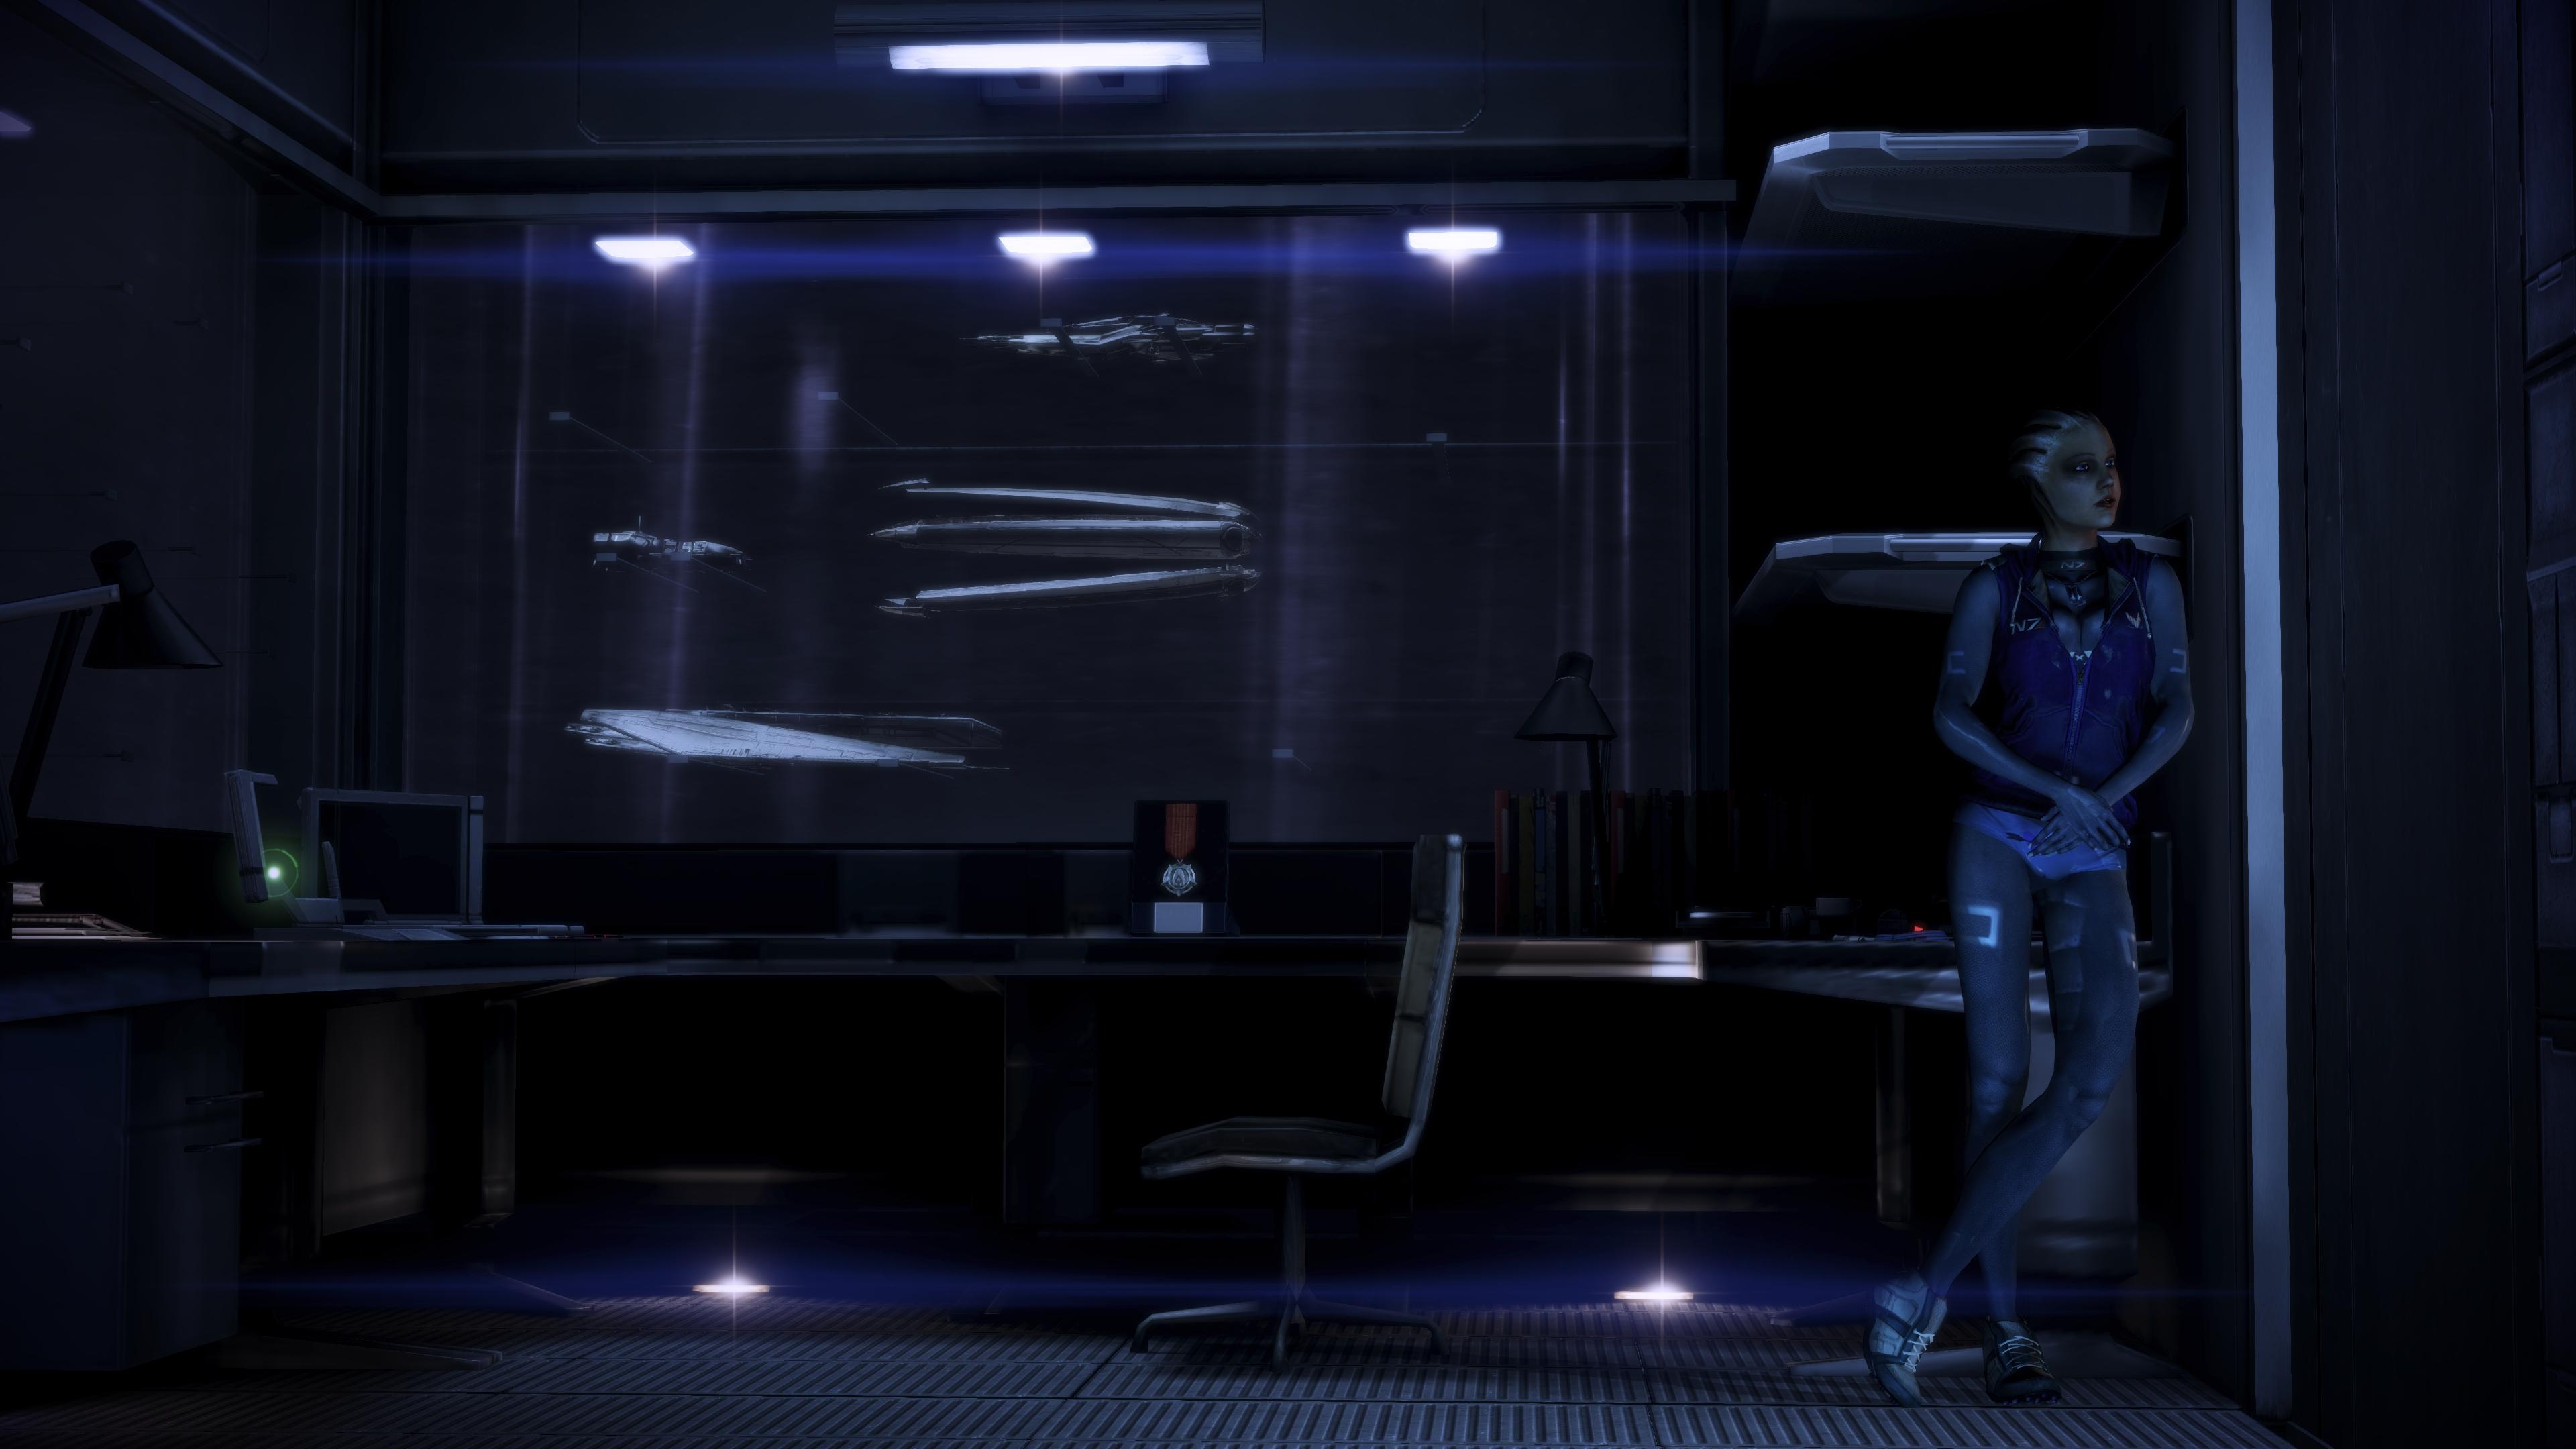 Mass Effect 3 Screenshot 2019.01.20 - 02.13.42.jpg - Mass Effect 3